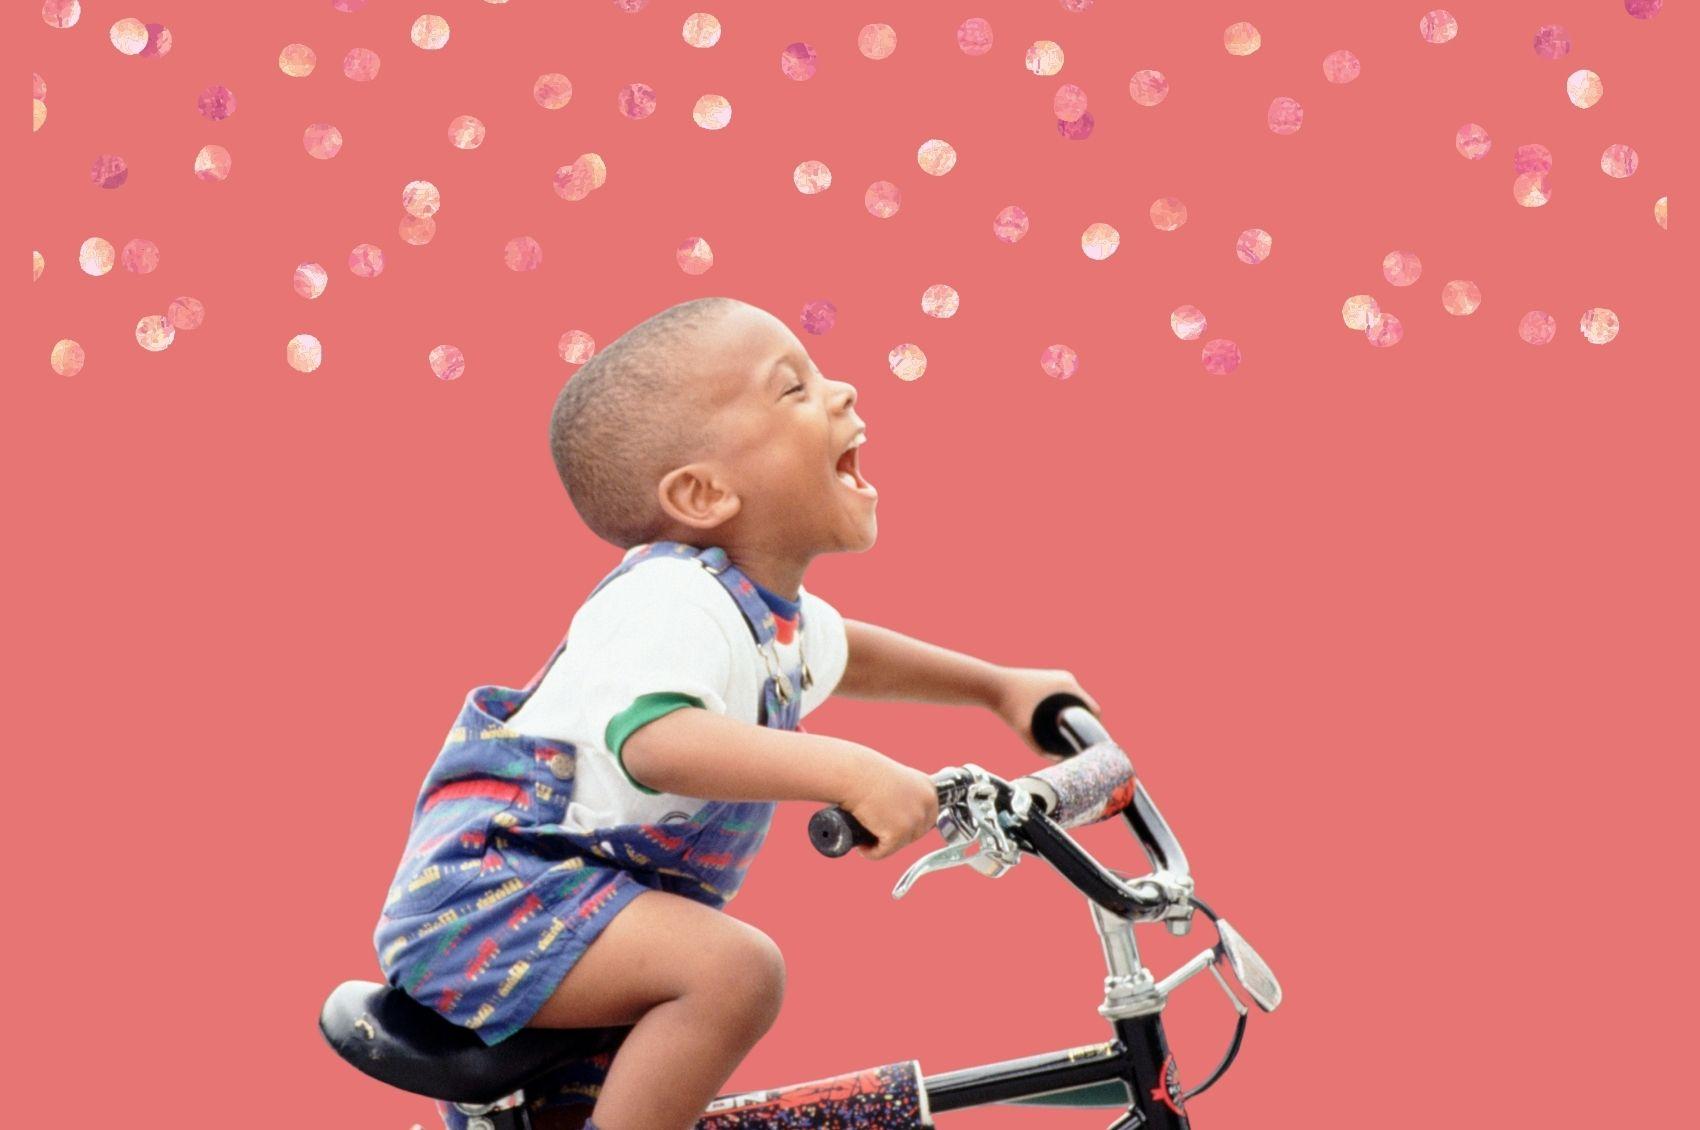 menino-bike